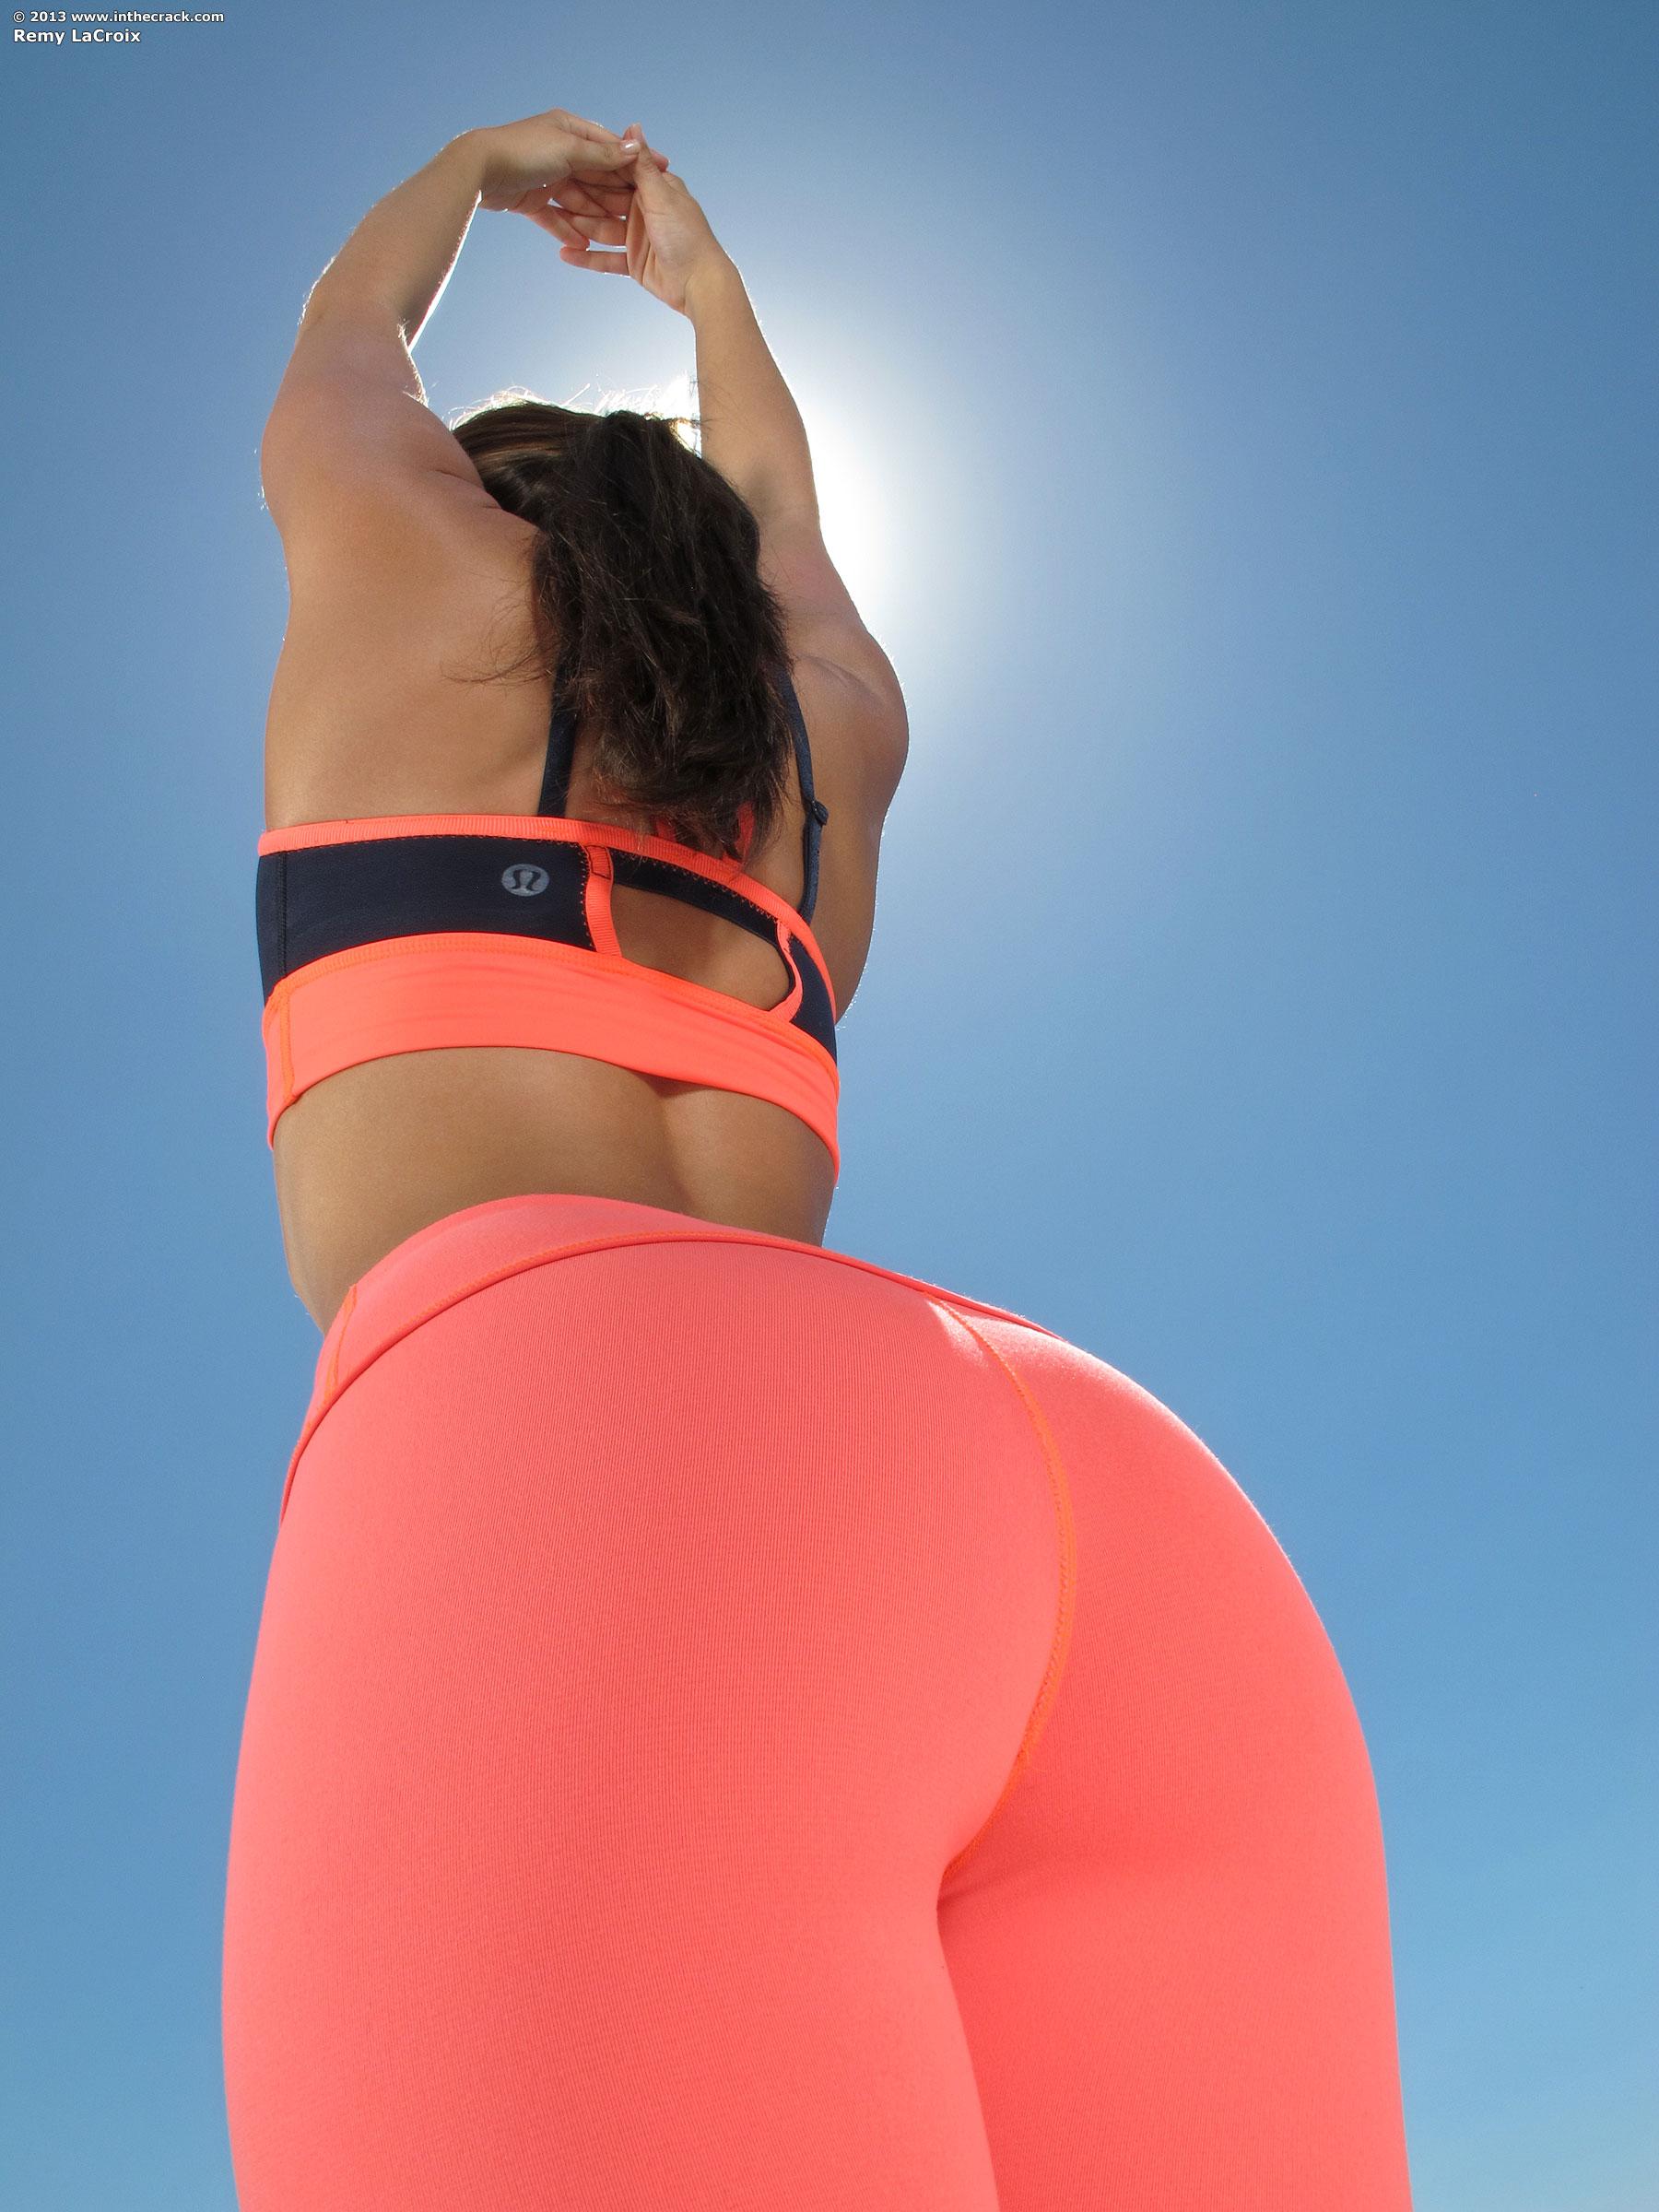 hottest-girls-yoga-pants-34